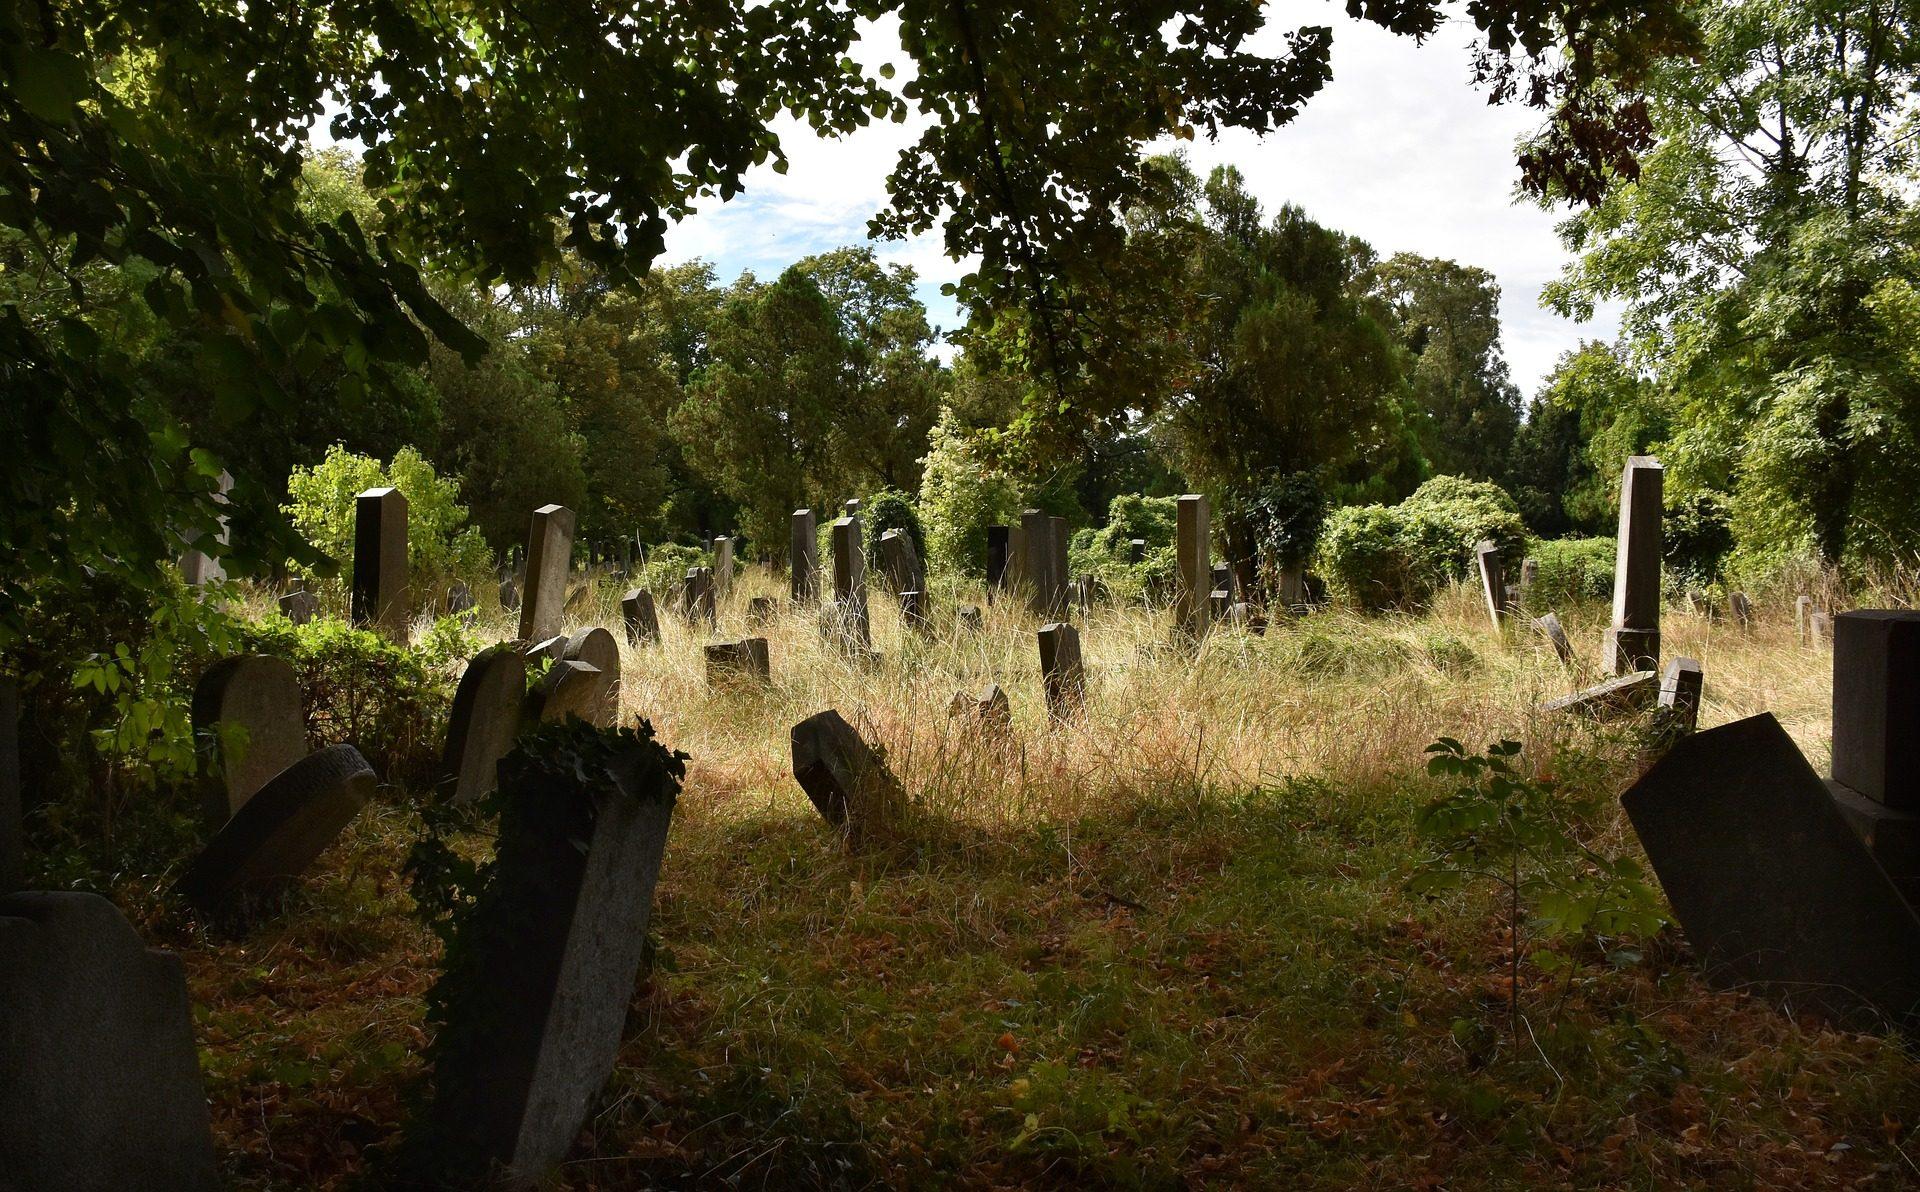 Cimitero, Campo Santo, pietre tombali, lastre, Graves, foresta - Sfondi HD - Professor-falken.com